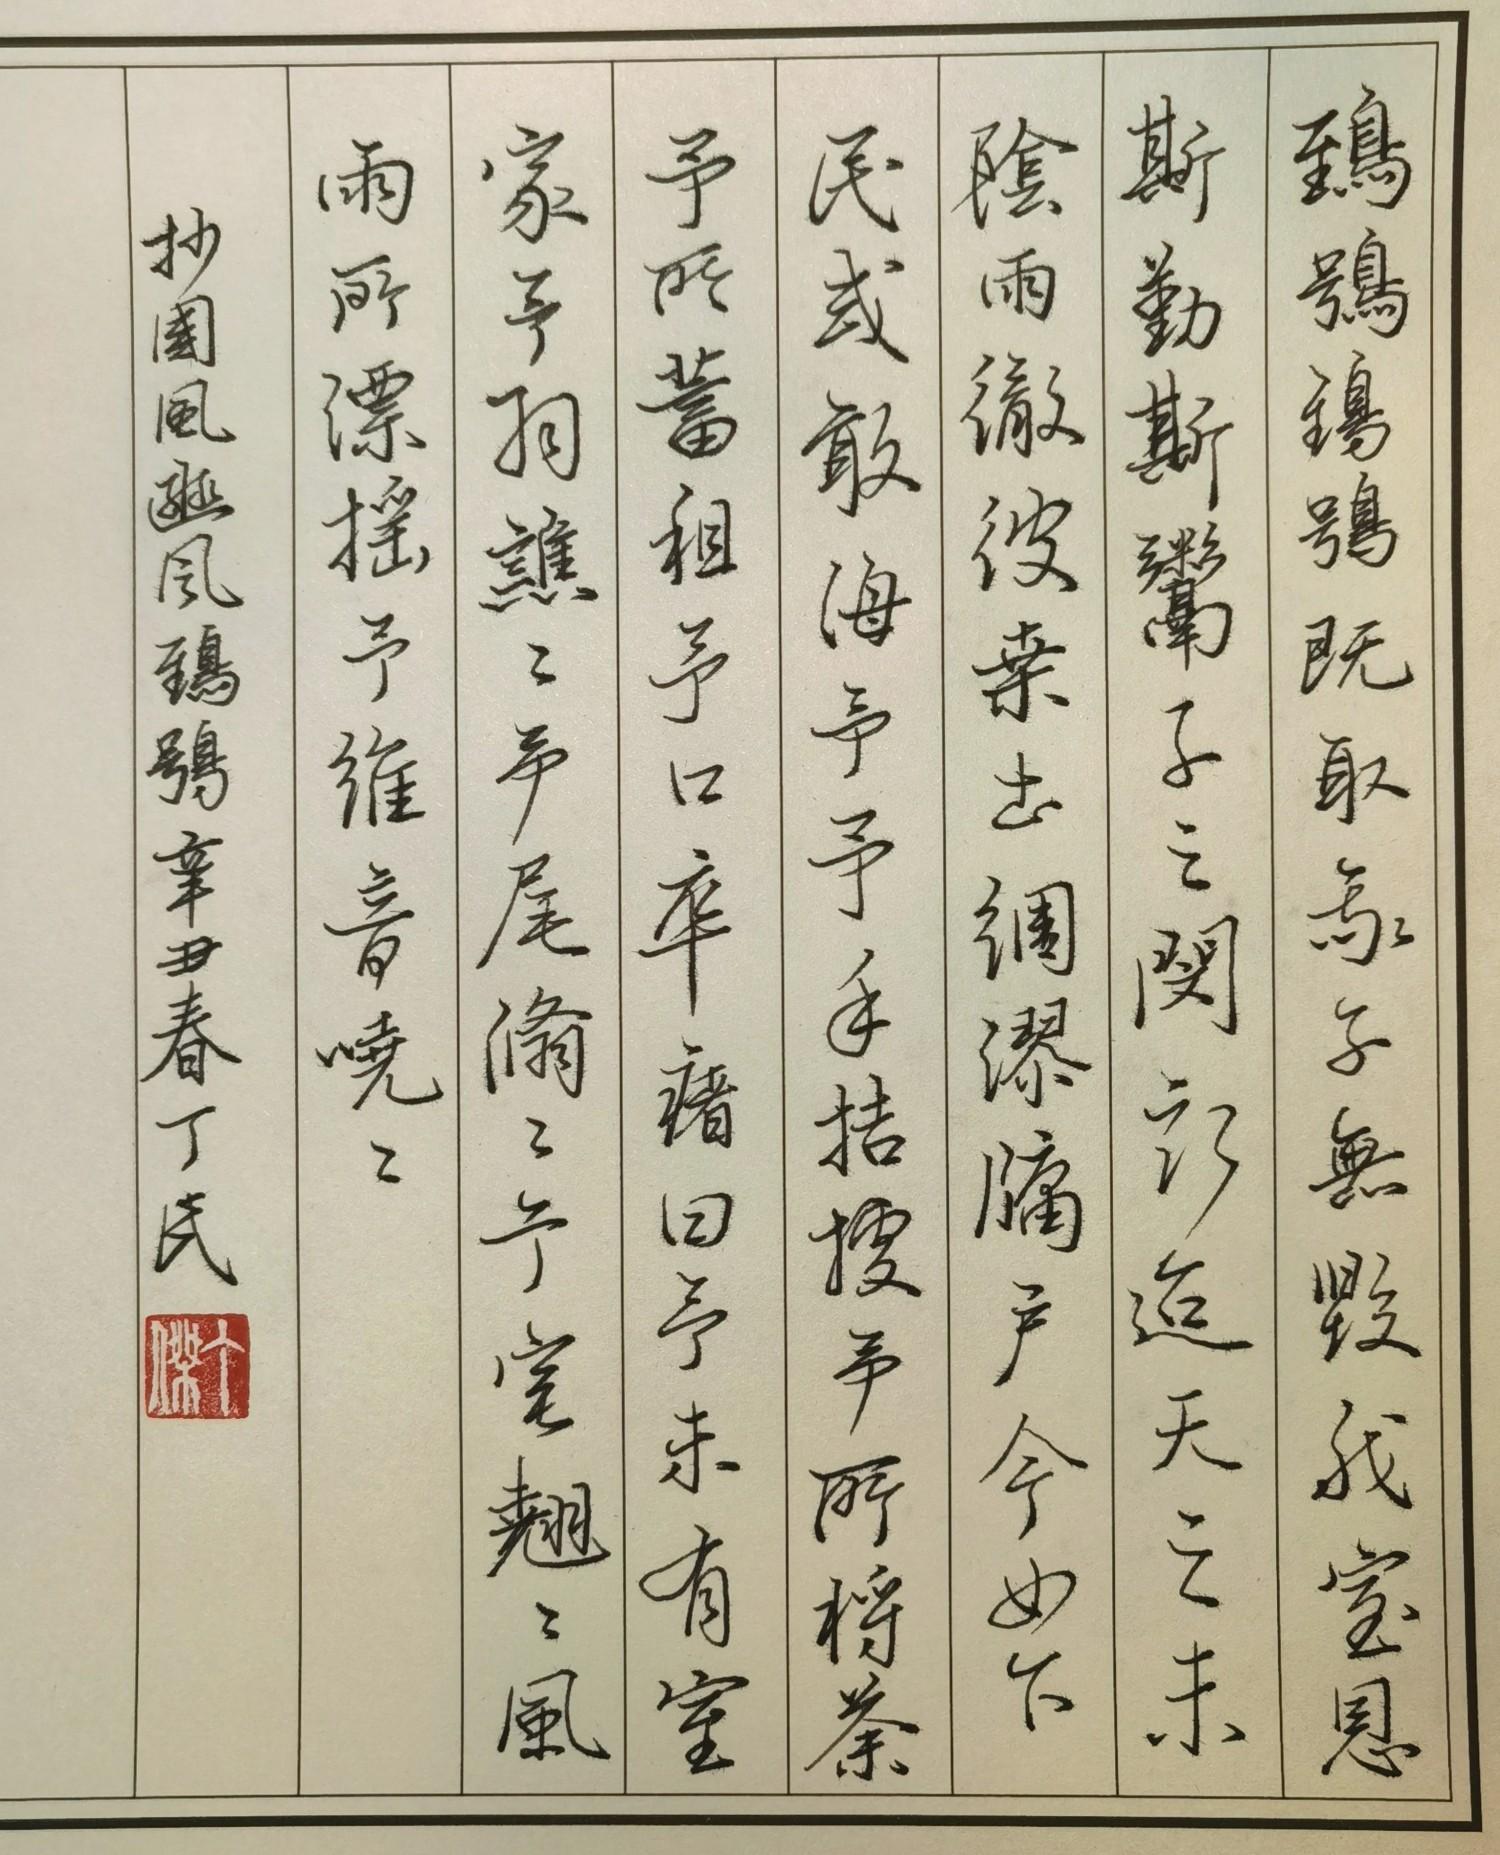 钢笔书法练字打卡20210427-09